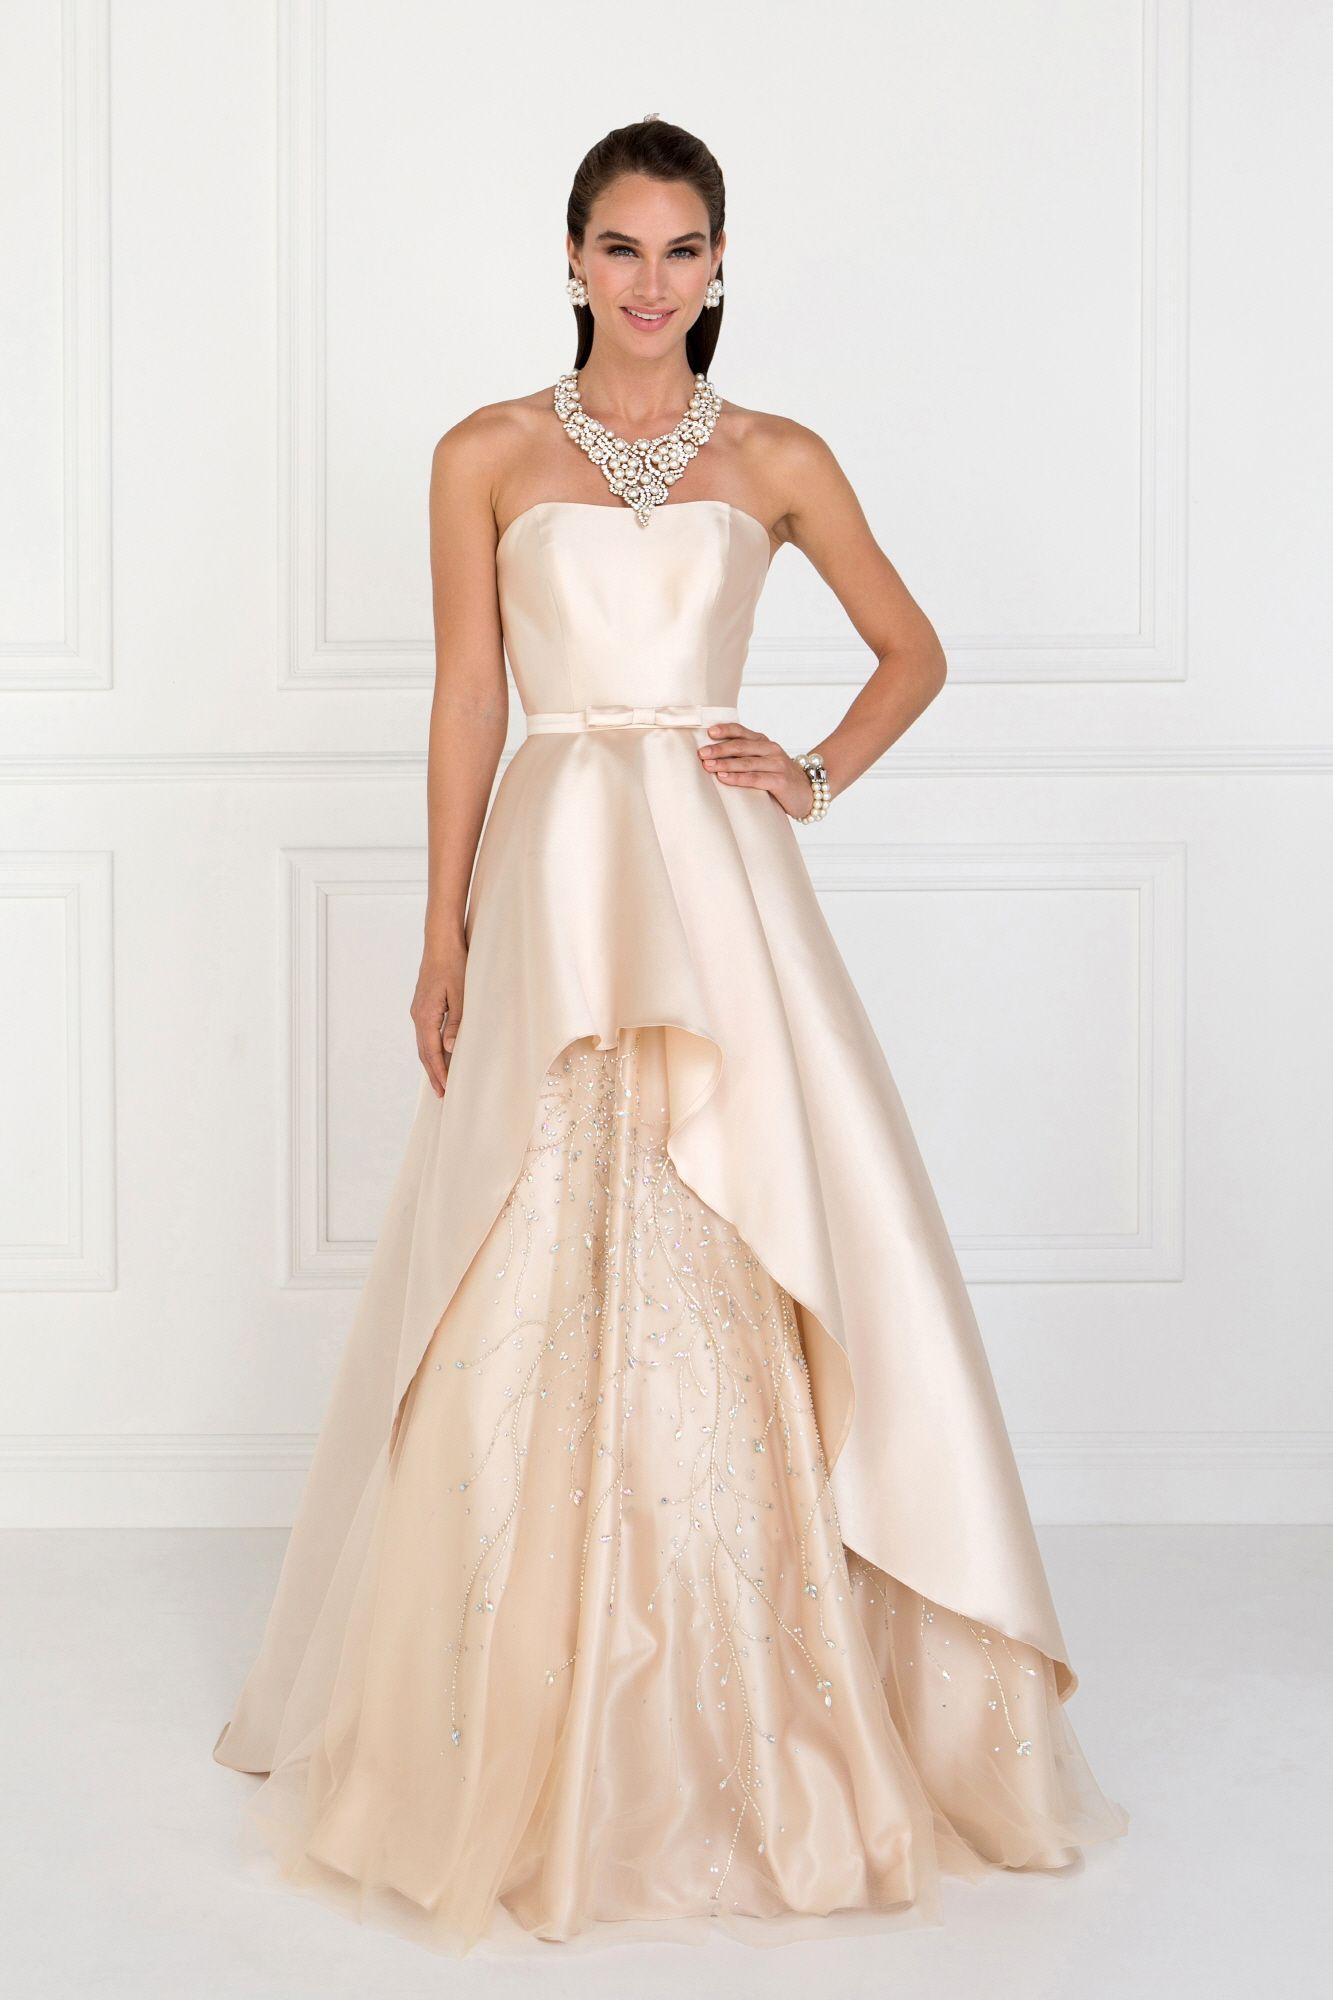 Atemberaubend Prom Kleider In Tallahassee Fl Bilder - Brautkleider ...